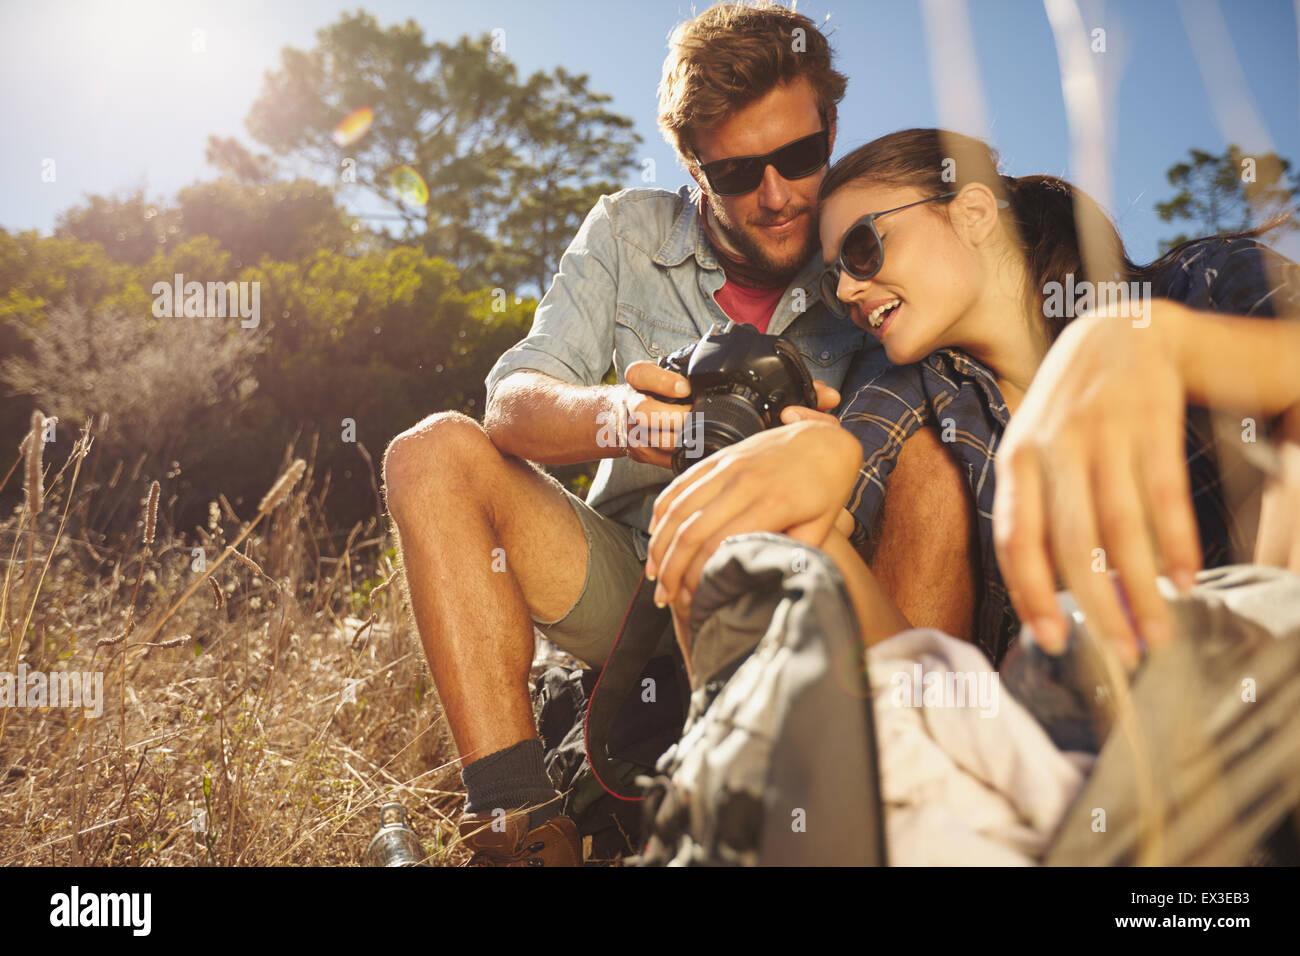 De caminante disparó al aire libre pareja mirando su cámara en un día de verano. Un hombre y una Imagen De Stock